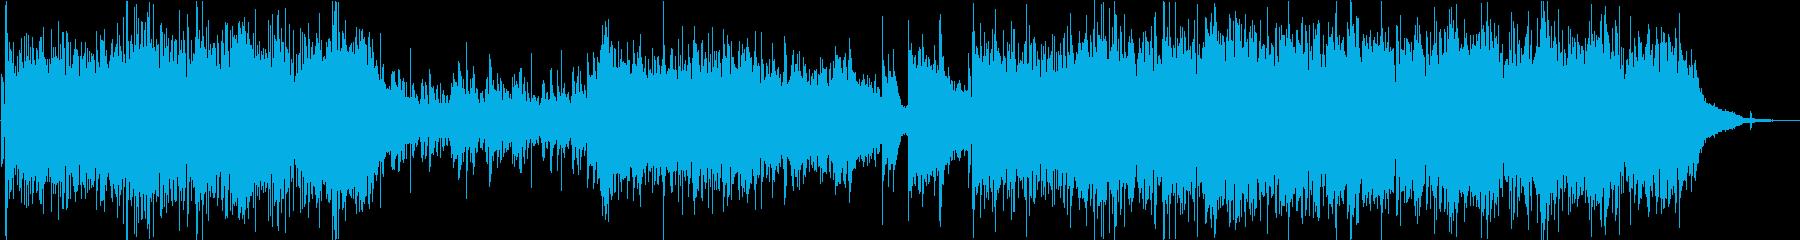 CM】古き良き感ある生演奏アコギ の再生済みの波形